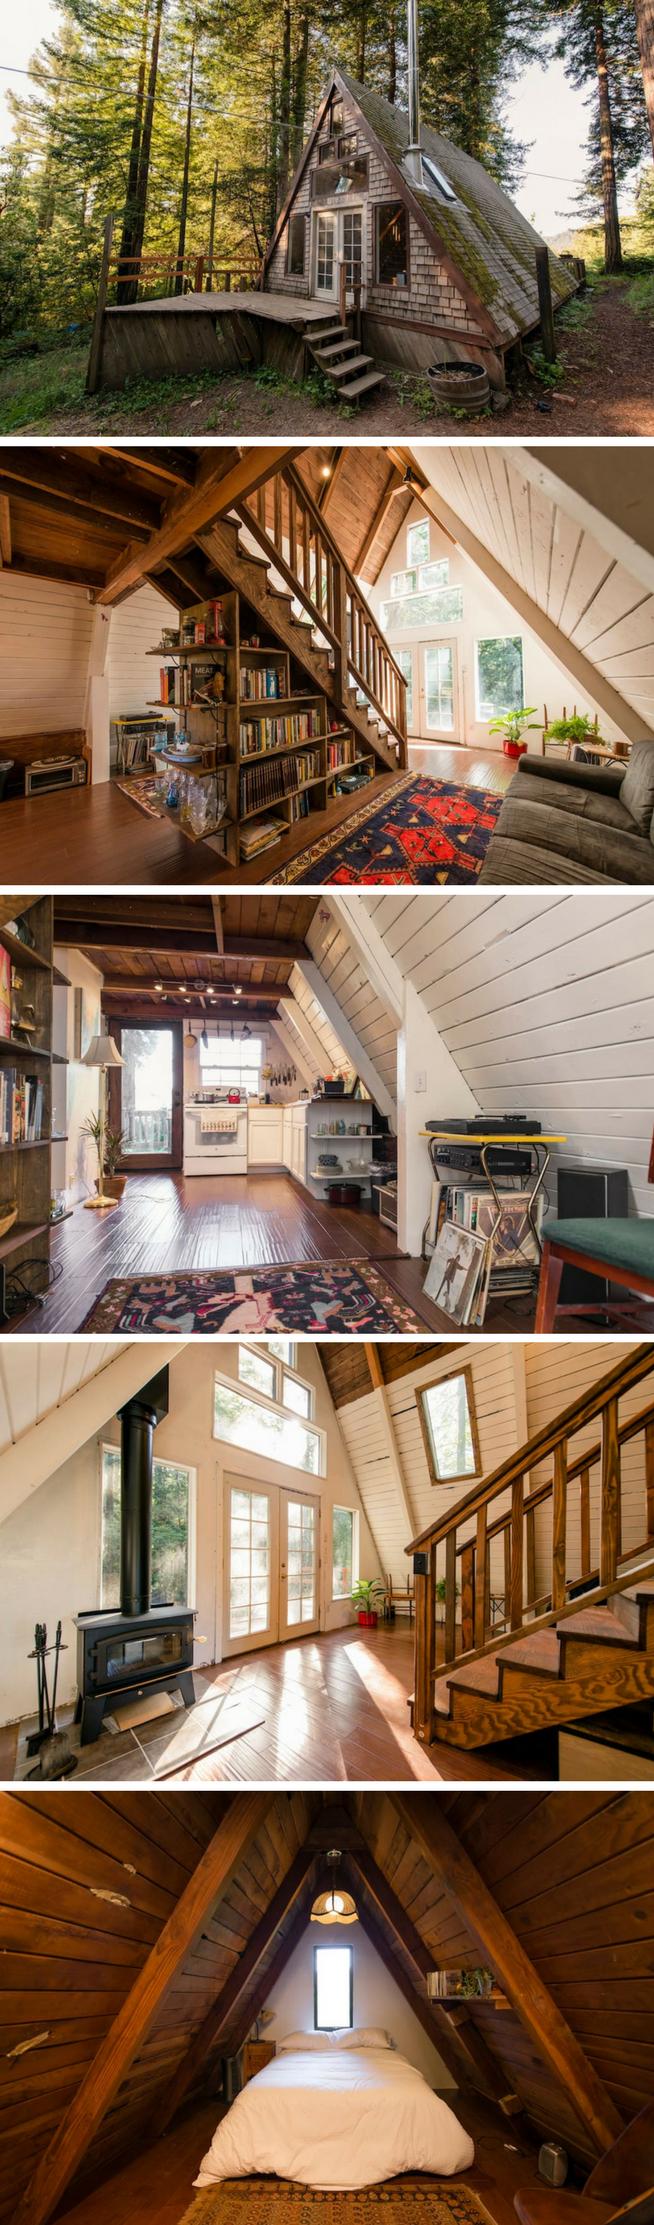 An A-frame cabin in Northern California | Nurdachhaus | Pinterest ...